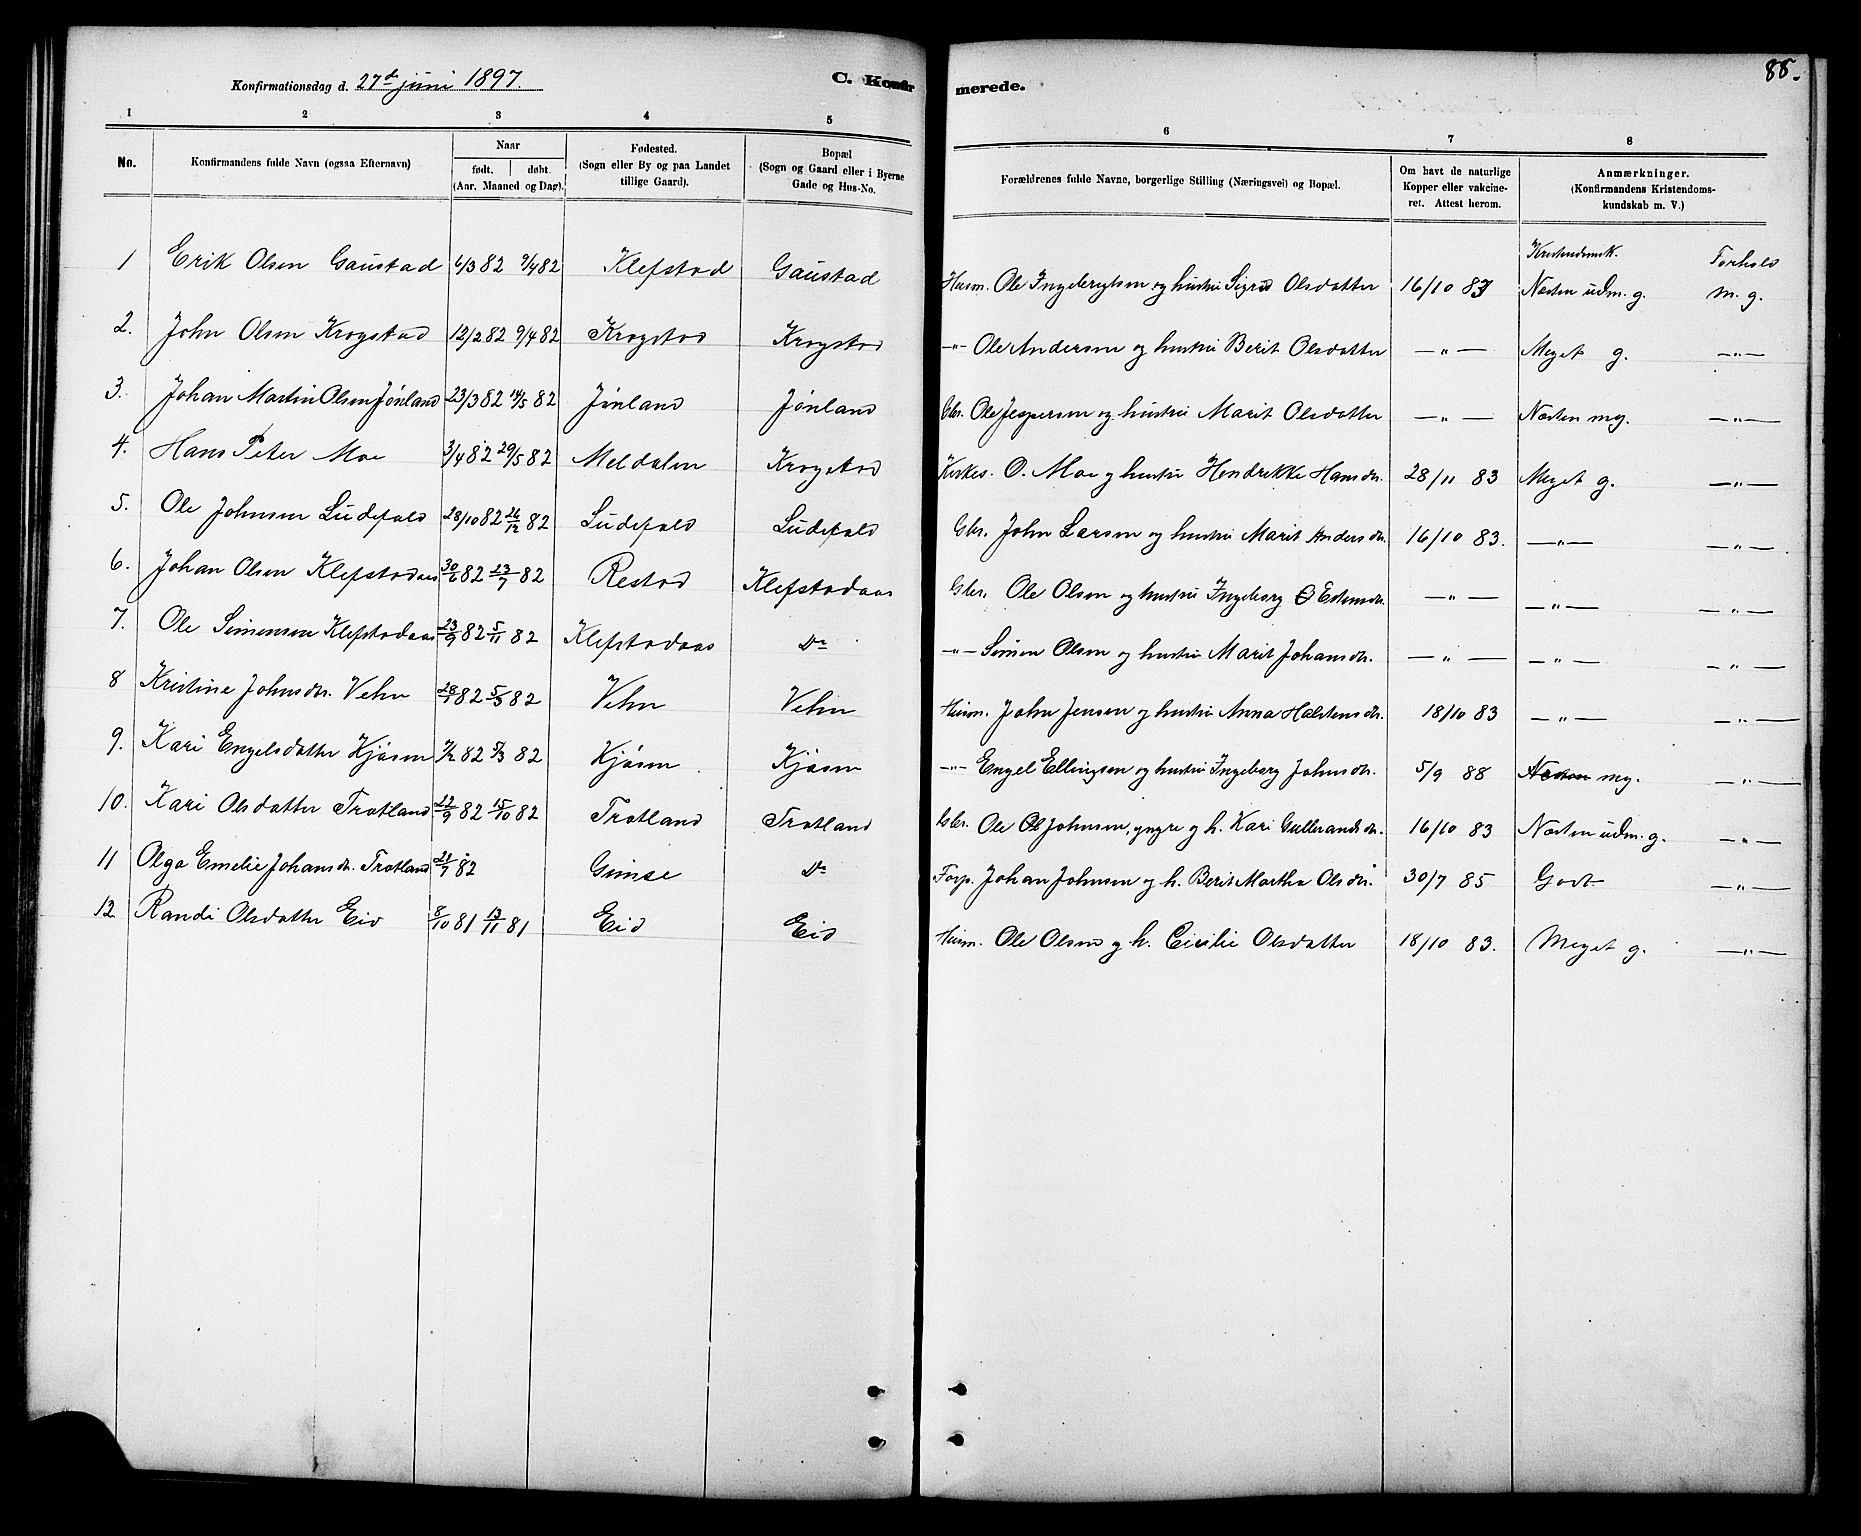 SAT, Ministerialprotokoller, klokkerbøker og fødselsregistre - Sør-Trøndelag, 694/L1132: Klokkerbok nr. 694C04, 1887-1914, s. 88